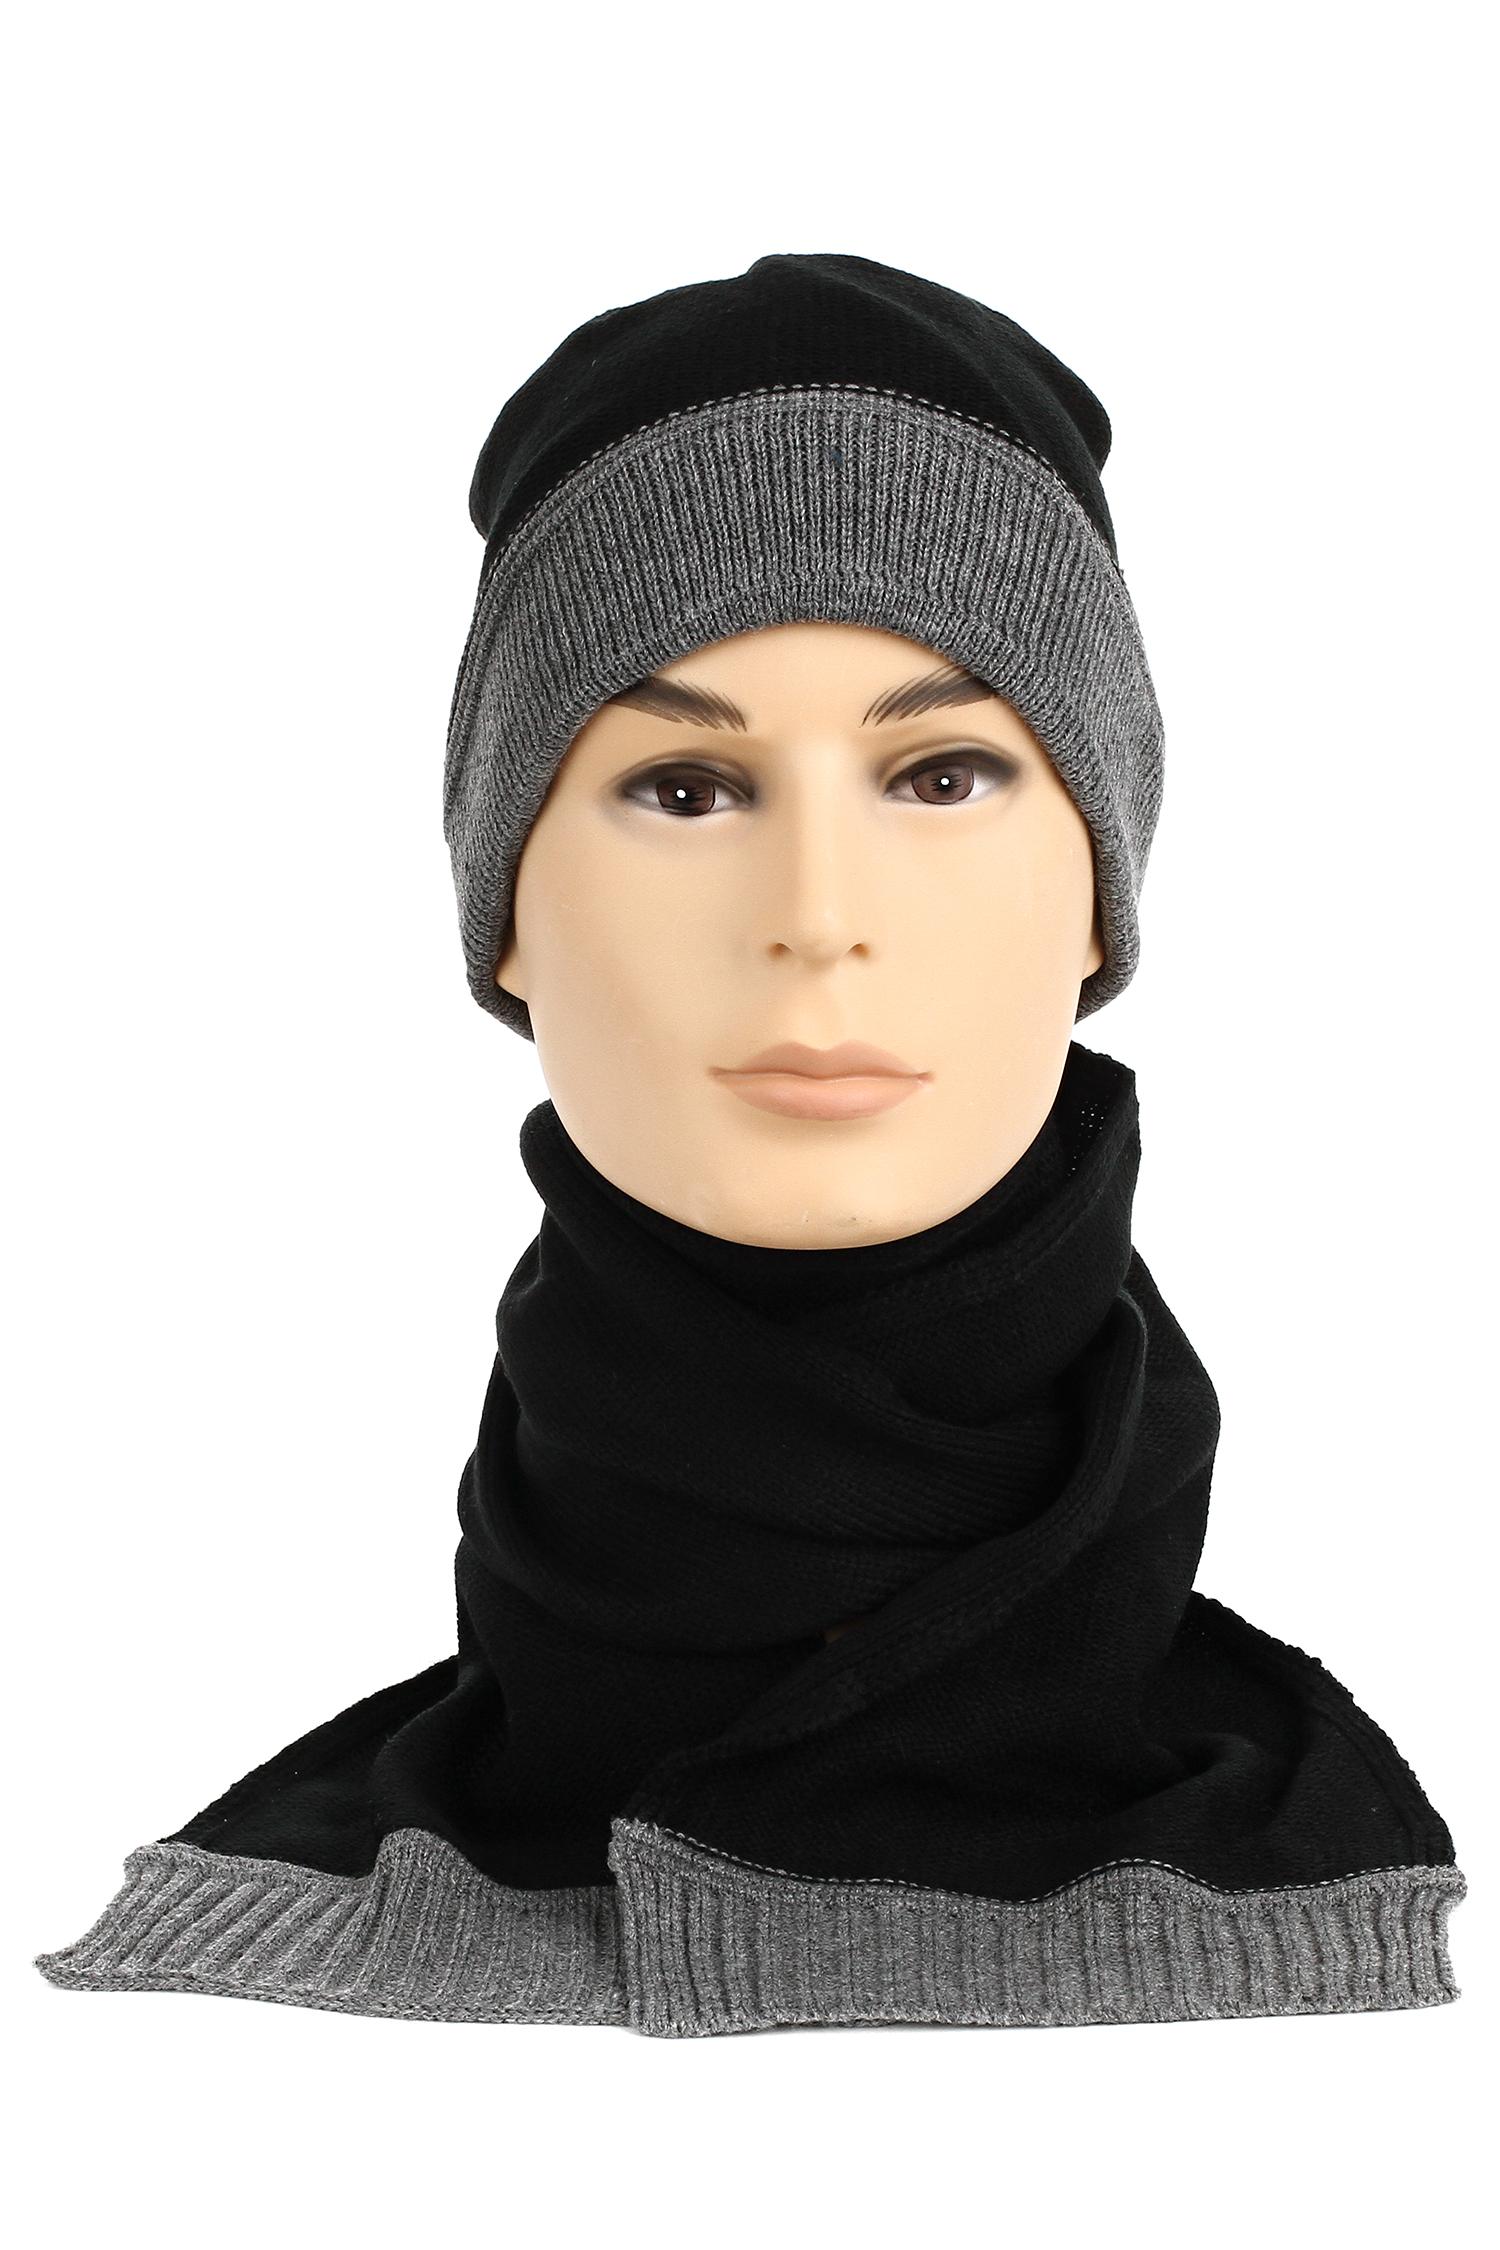 Купить Шапка мужская и шарф из трикотажа, МОСМЕХА, черный, 0602491